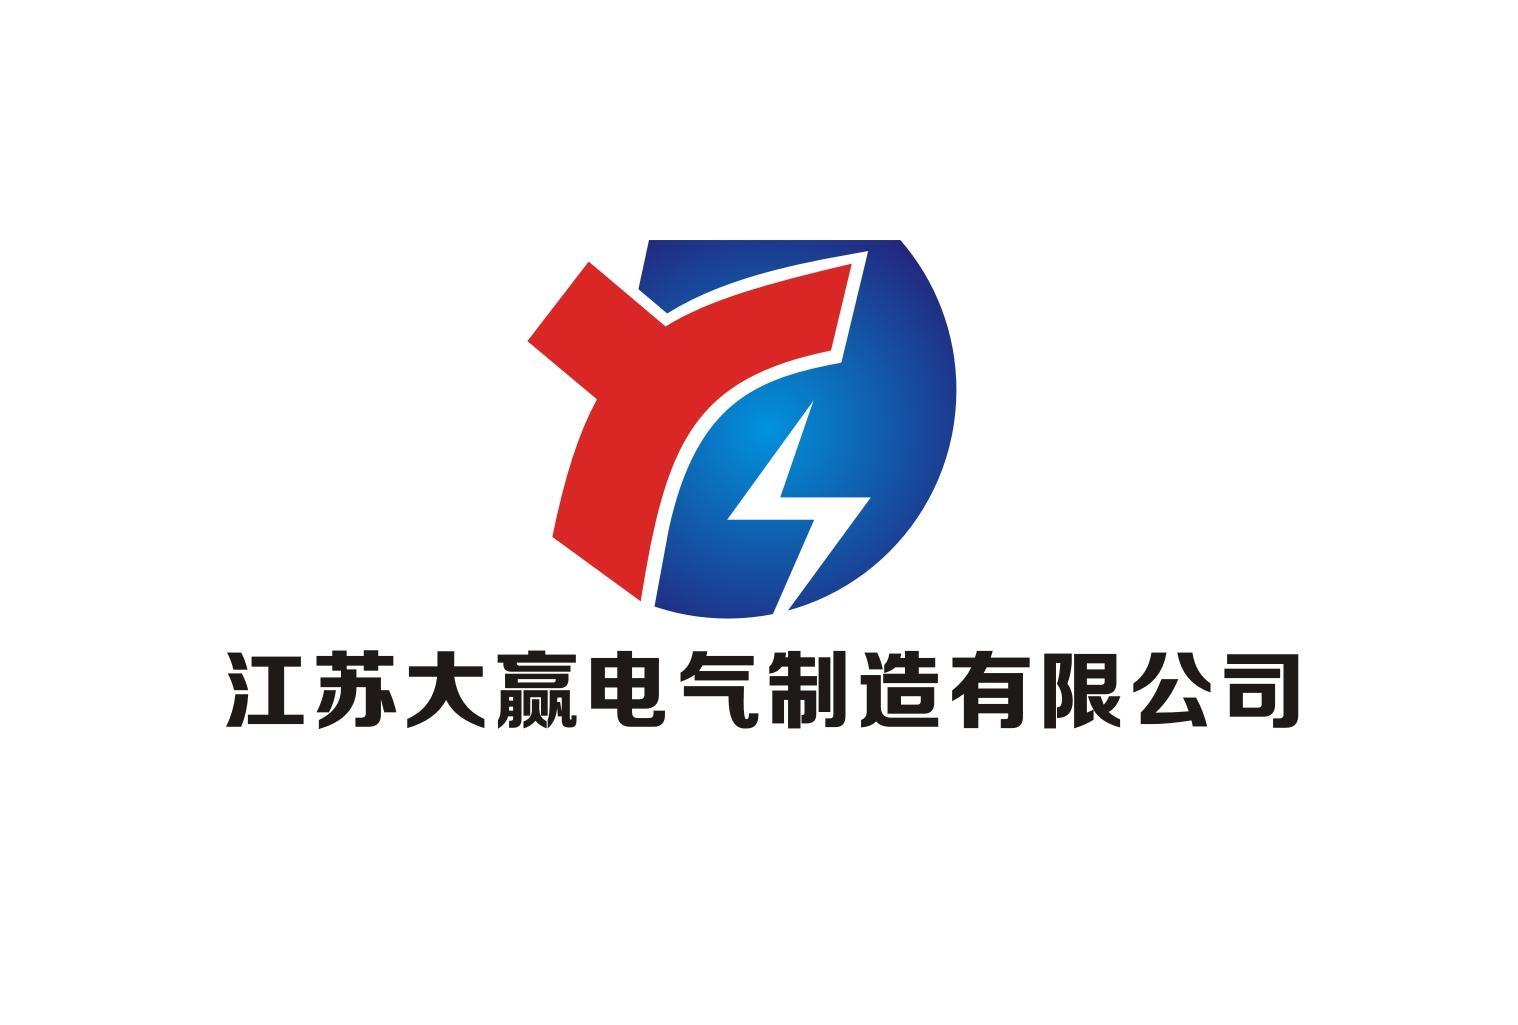 江苏大赢电气制造有限公司